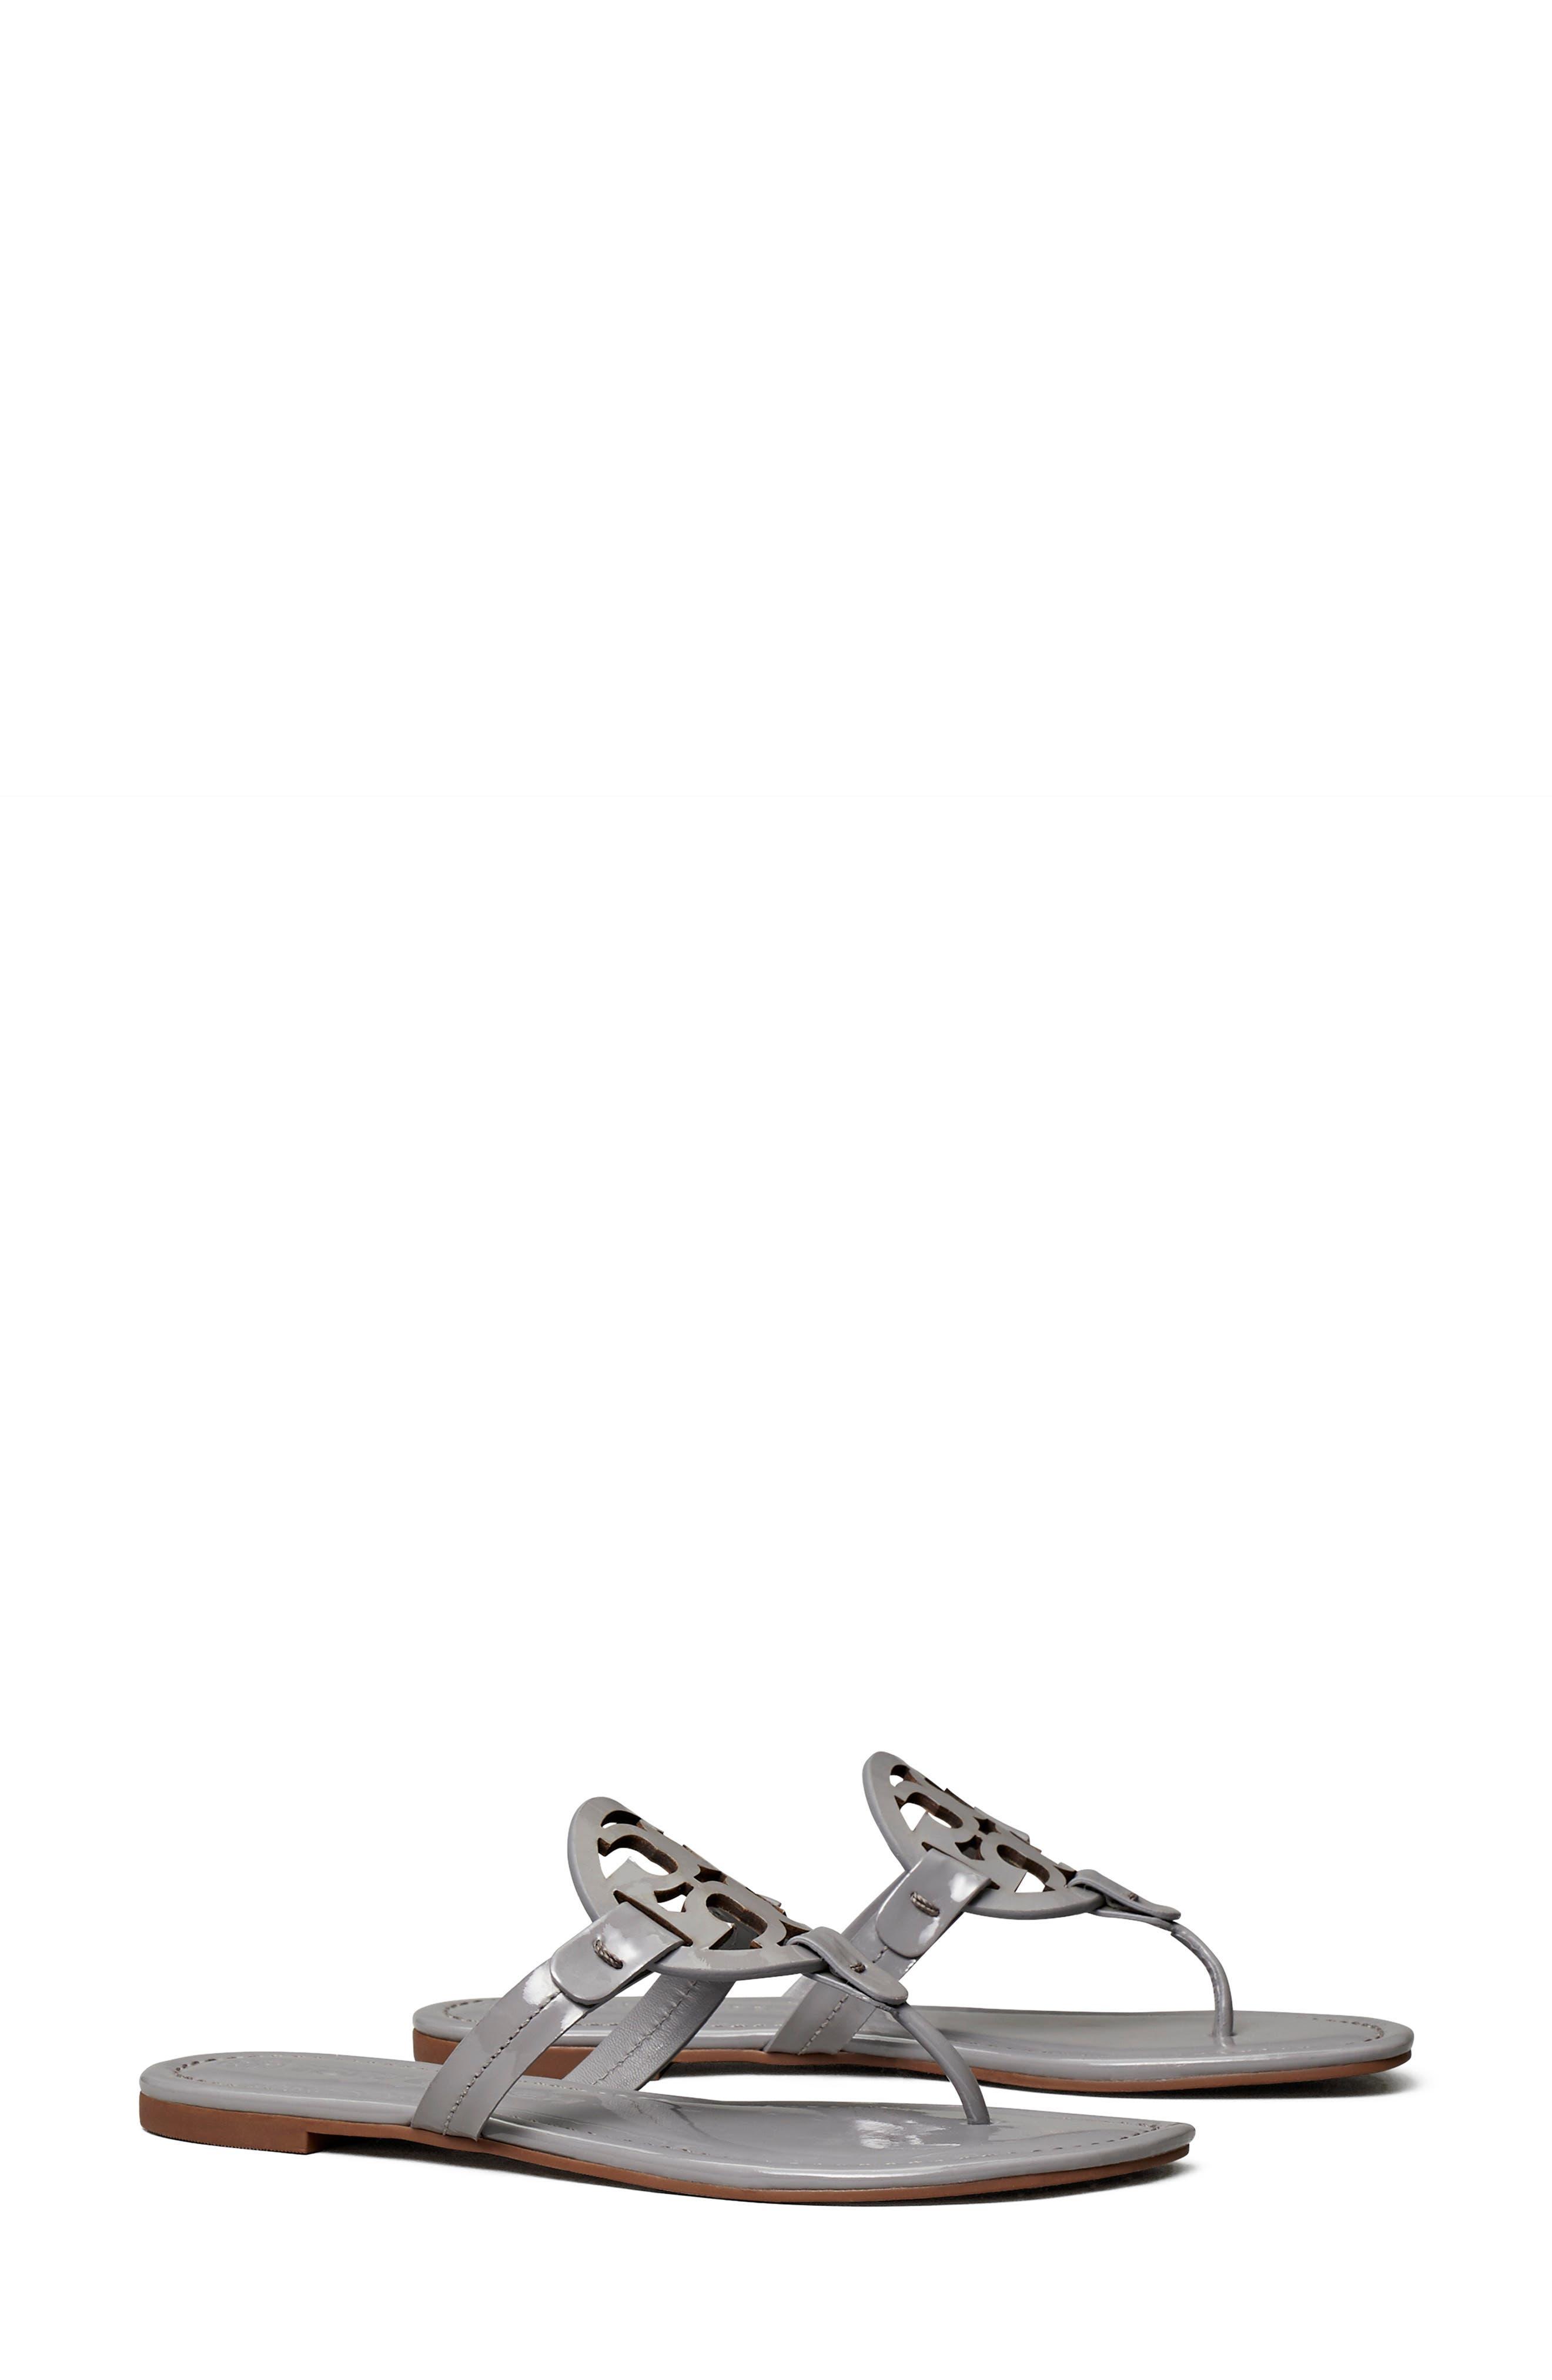 Women's Grey Sandals and Flip-Flops